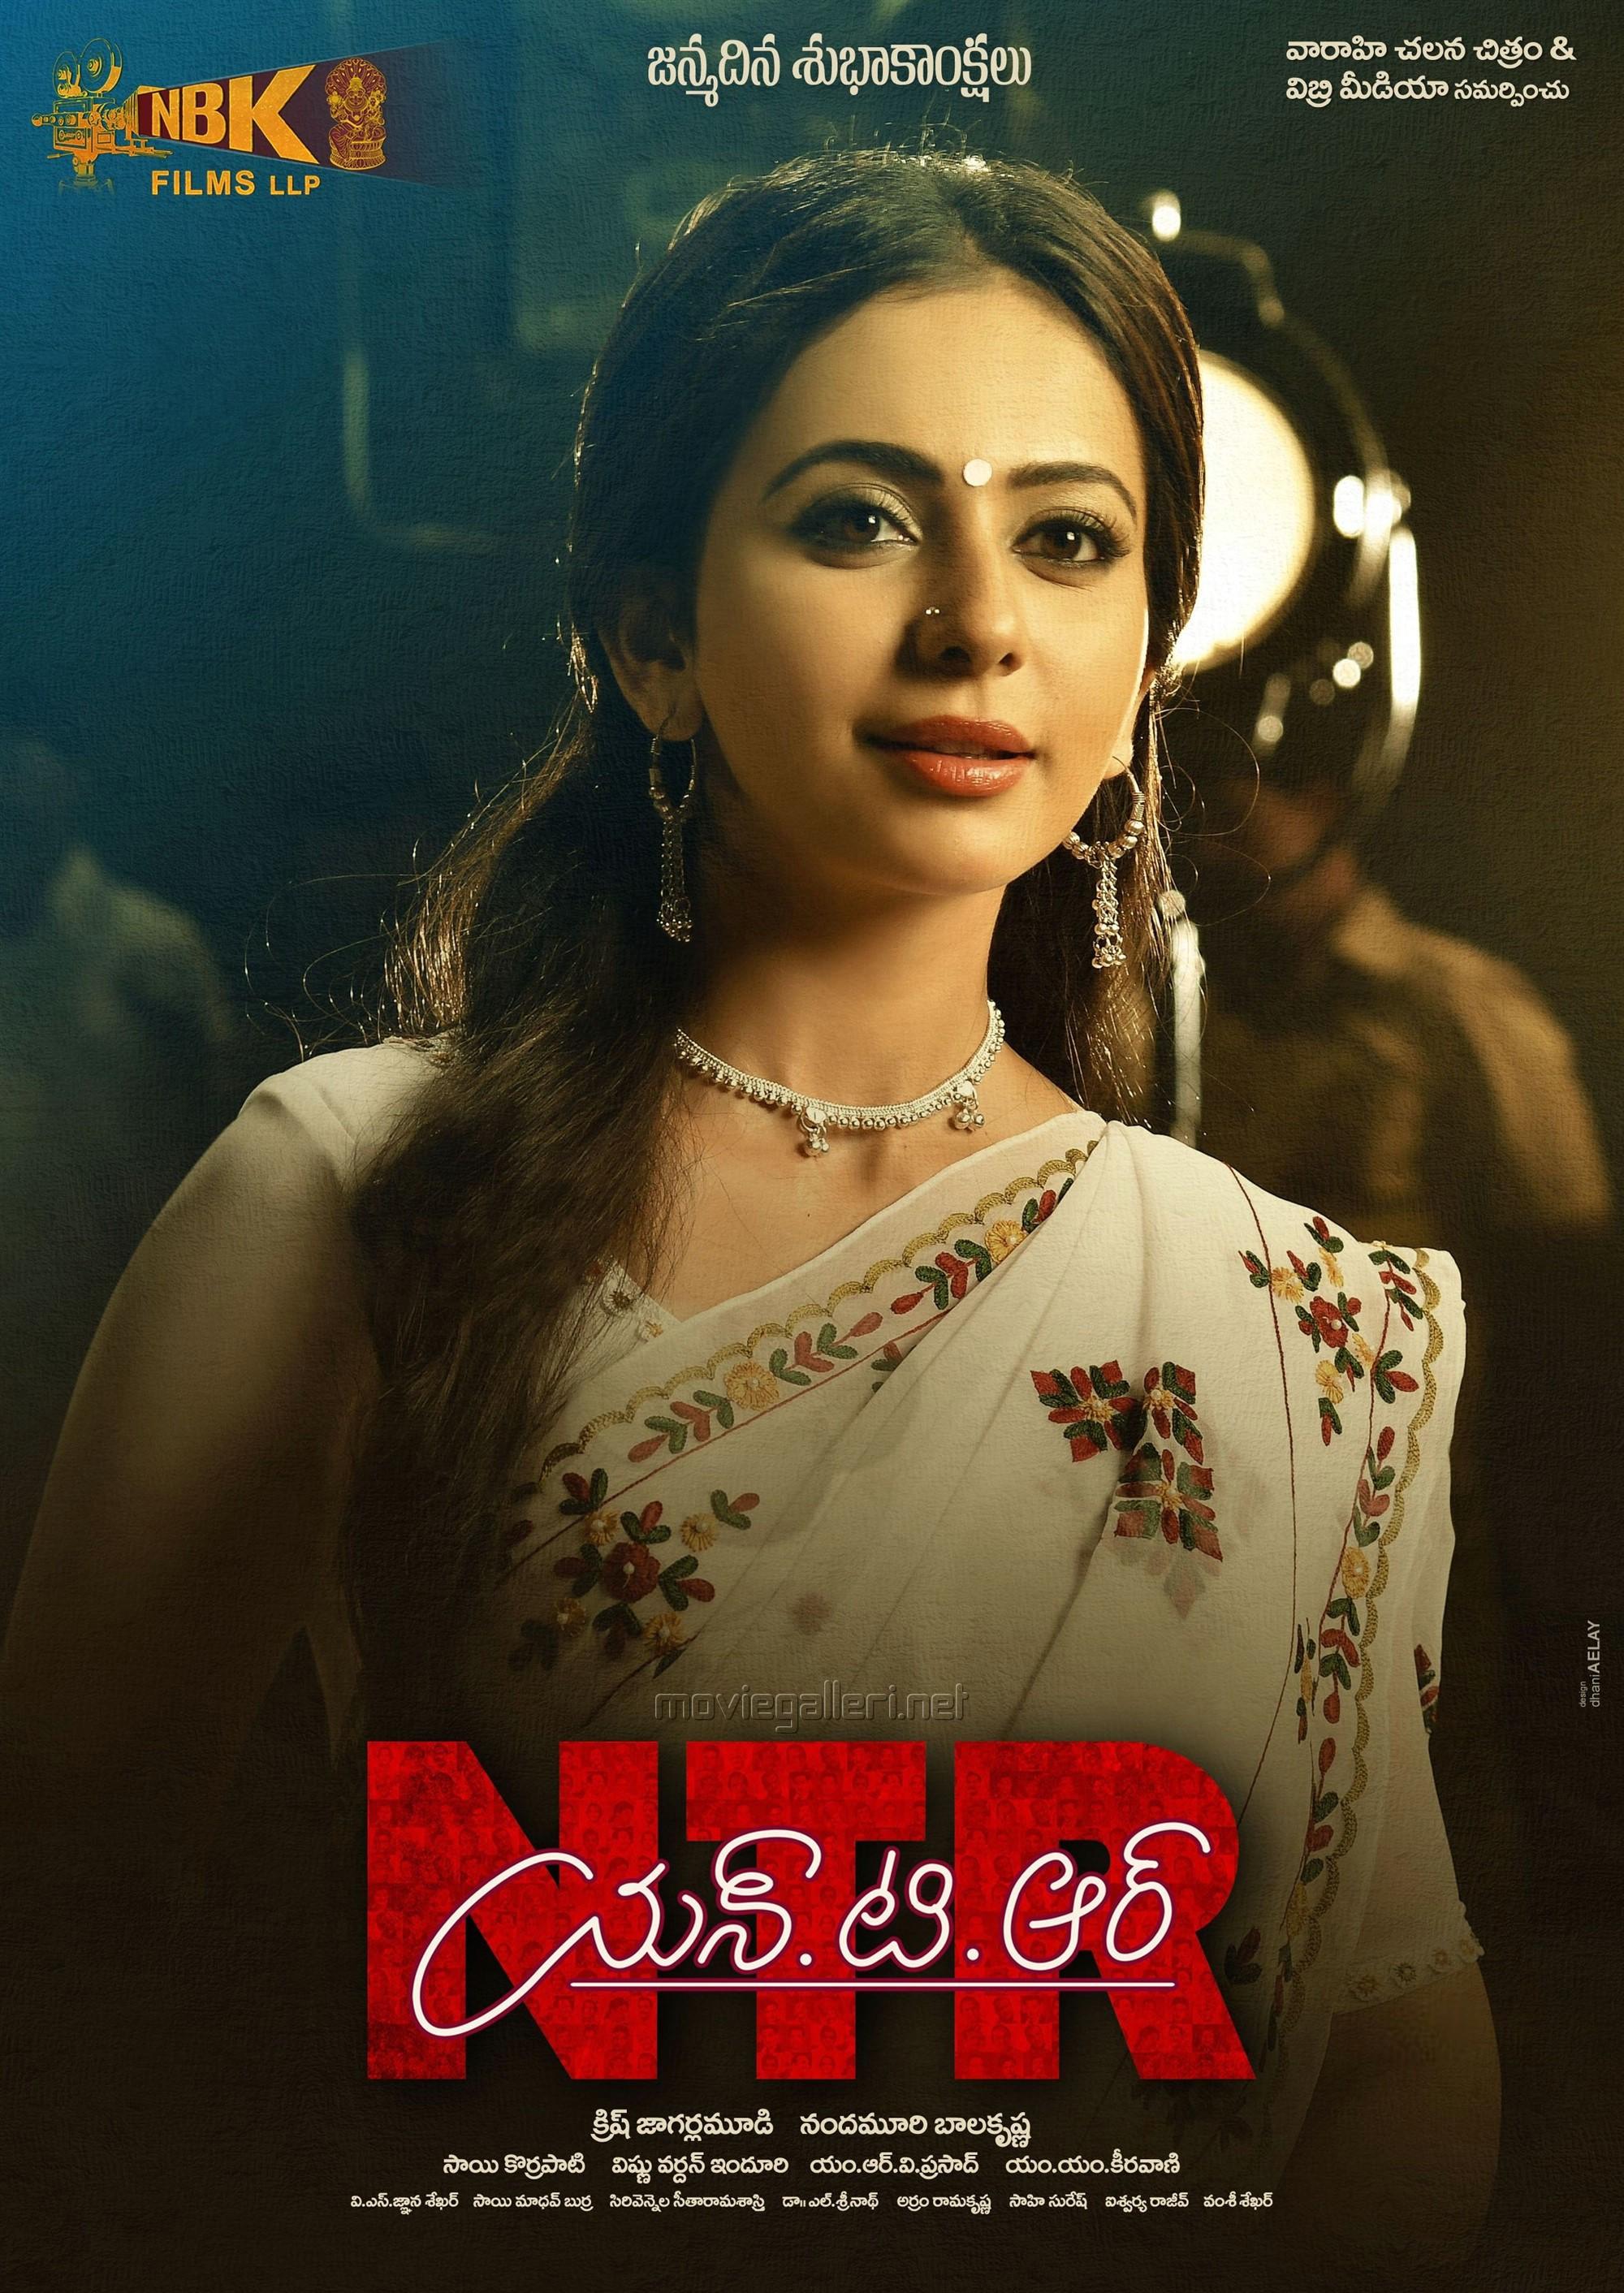 Actress Rakul Preet as Sridevi in NTR Kathanayakudu Poster HD